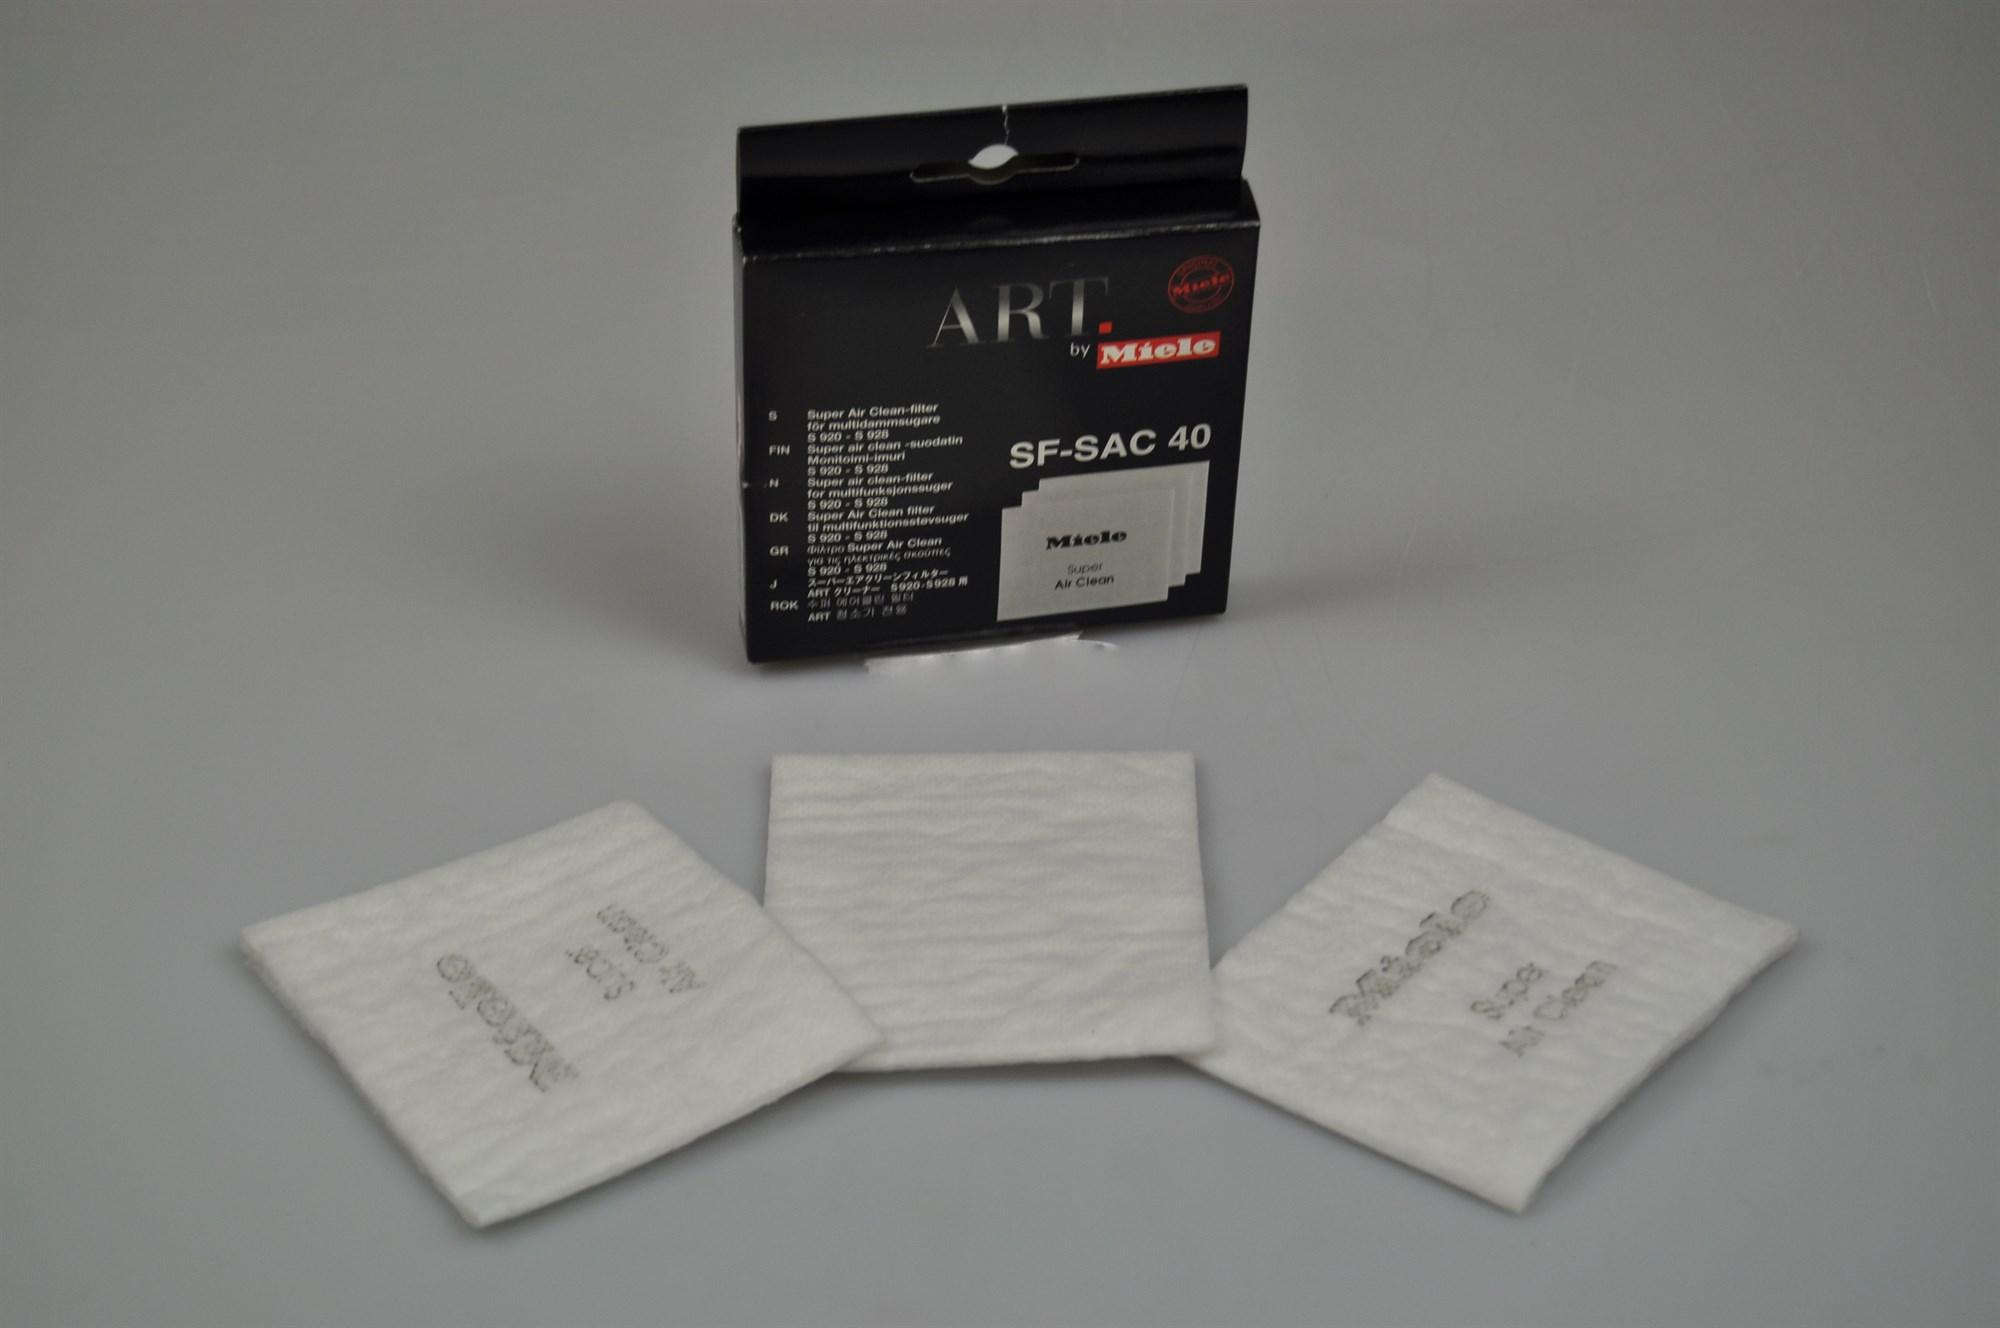 Filter, Miele dammsugare (Air Clean)